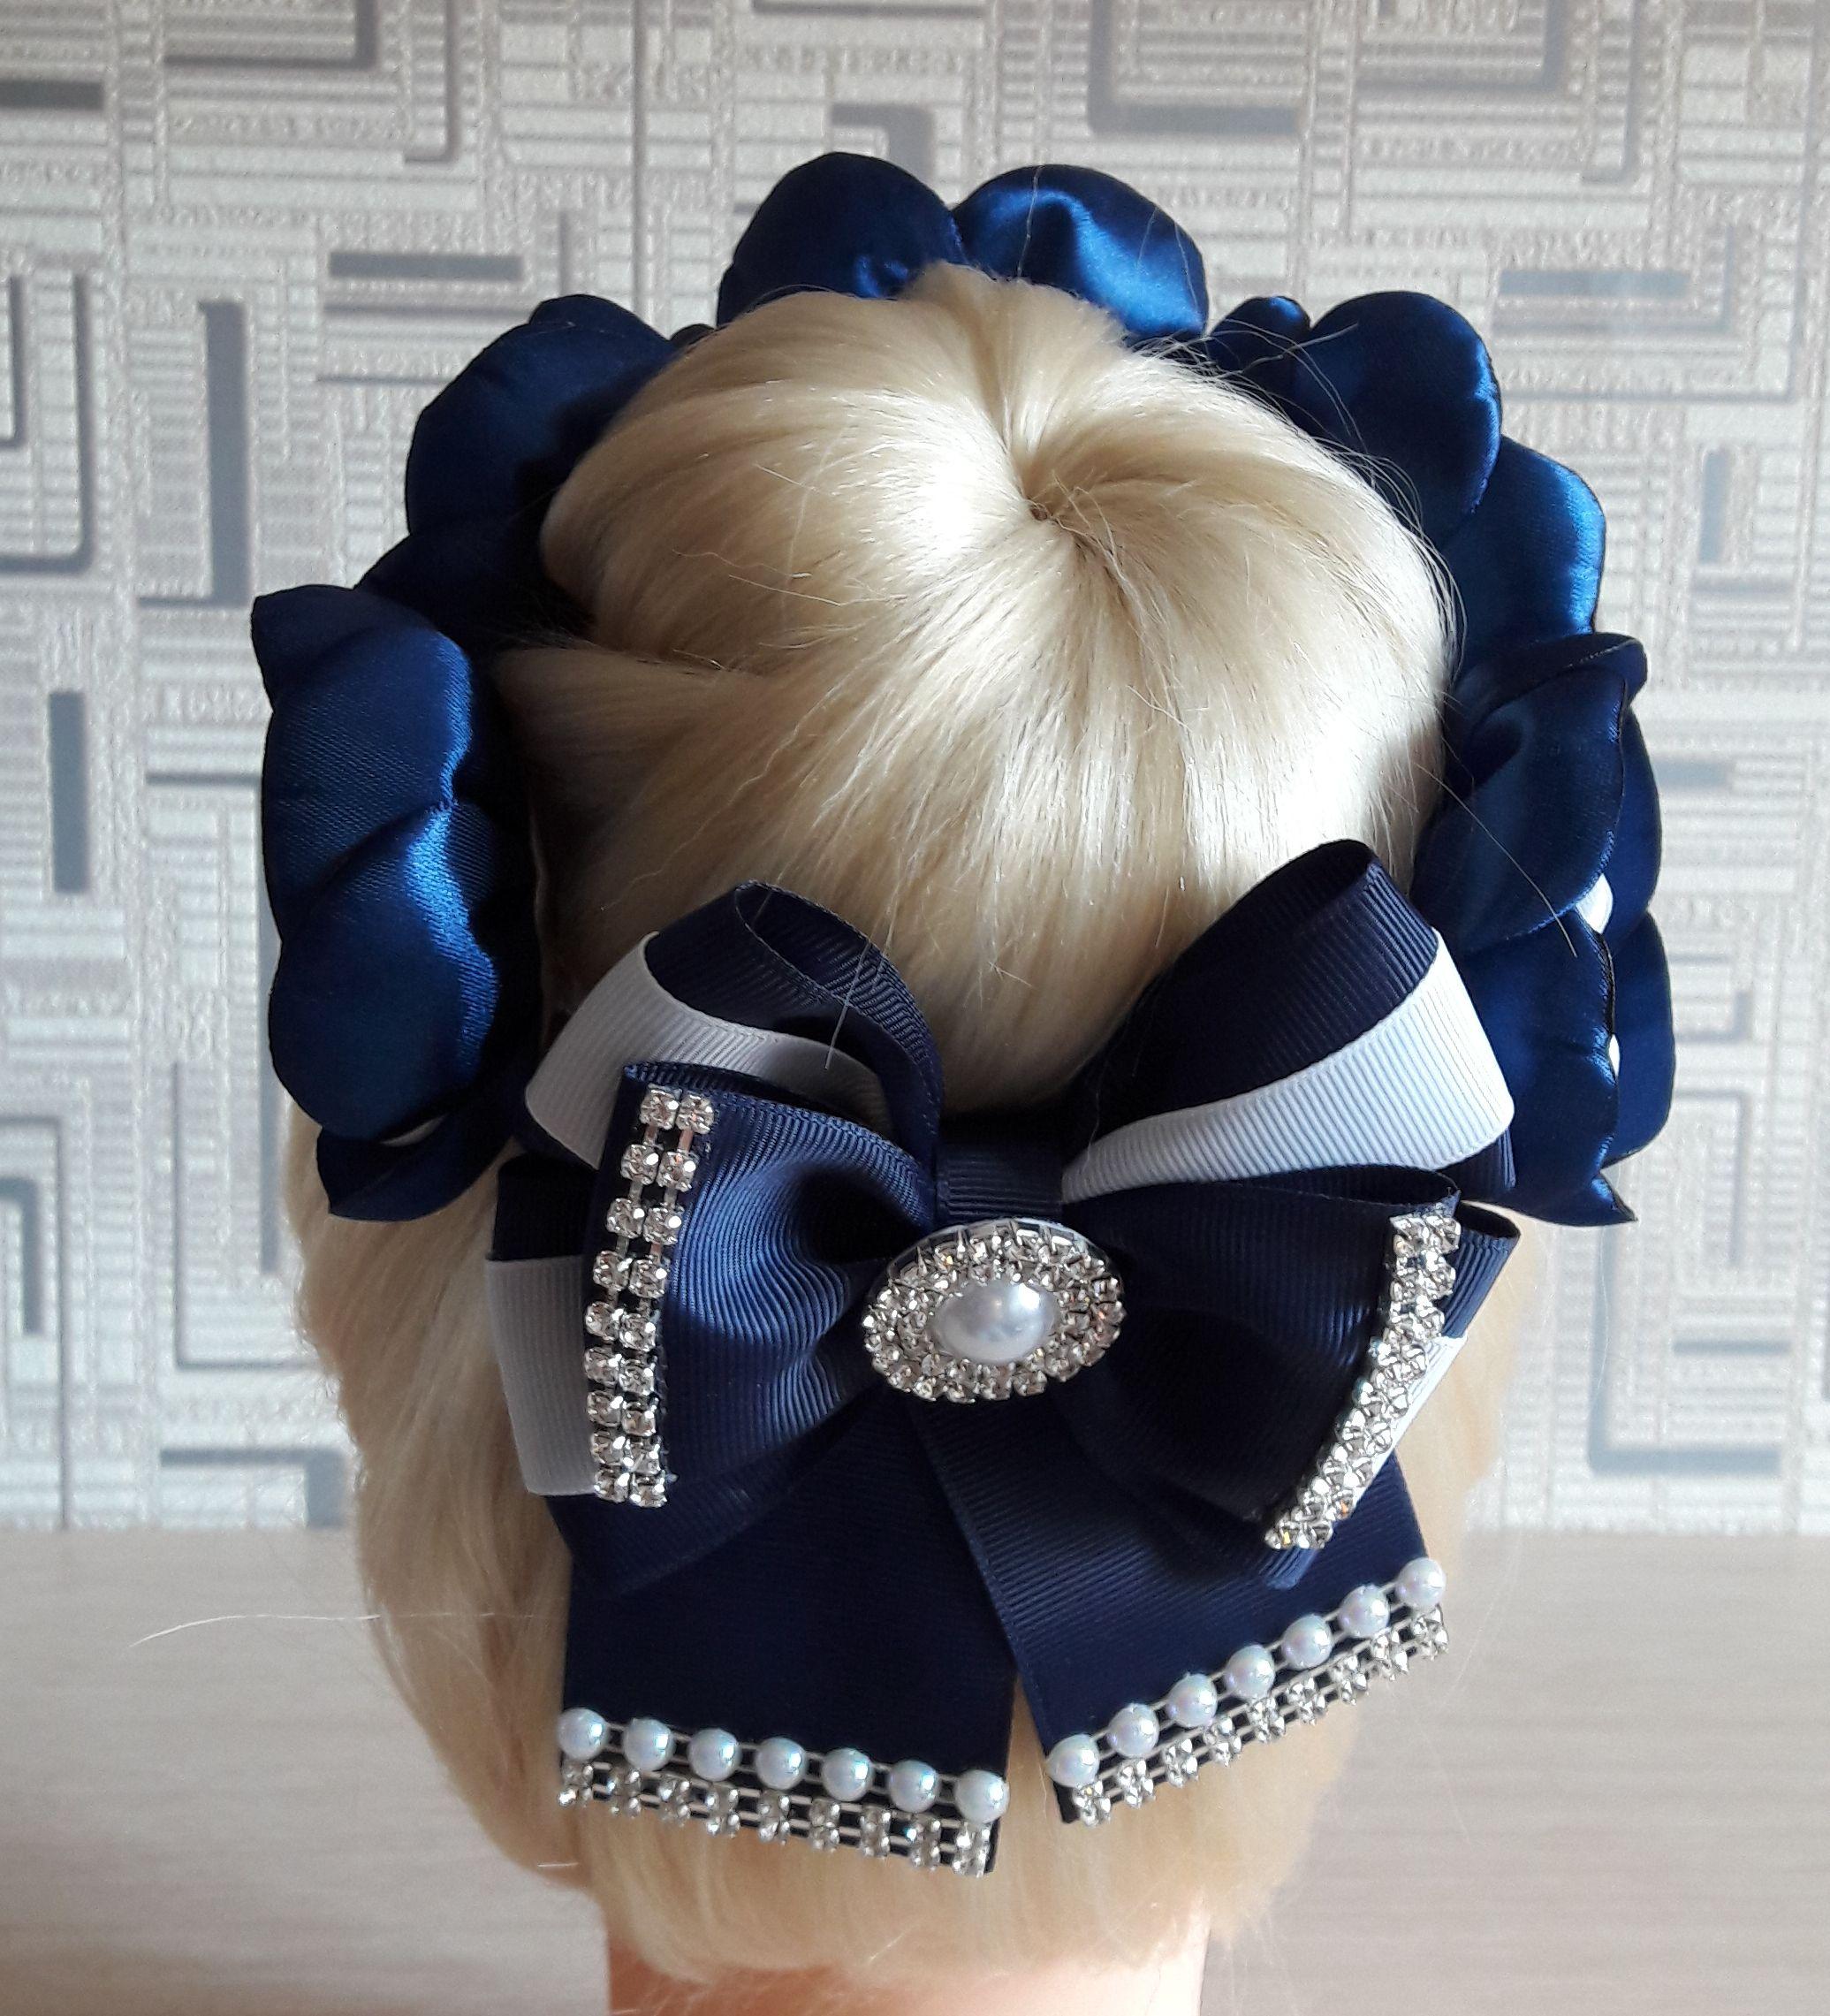 резинки школу для волос канзаши девочкам украшения подарок